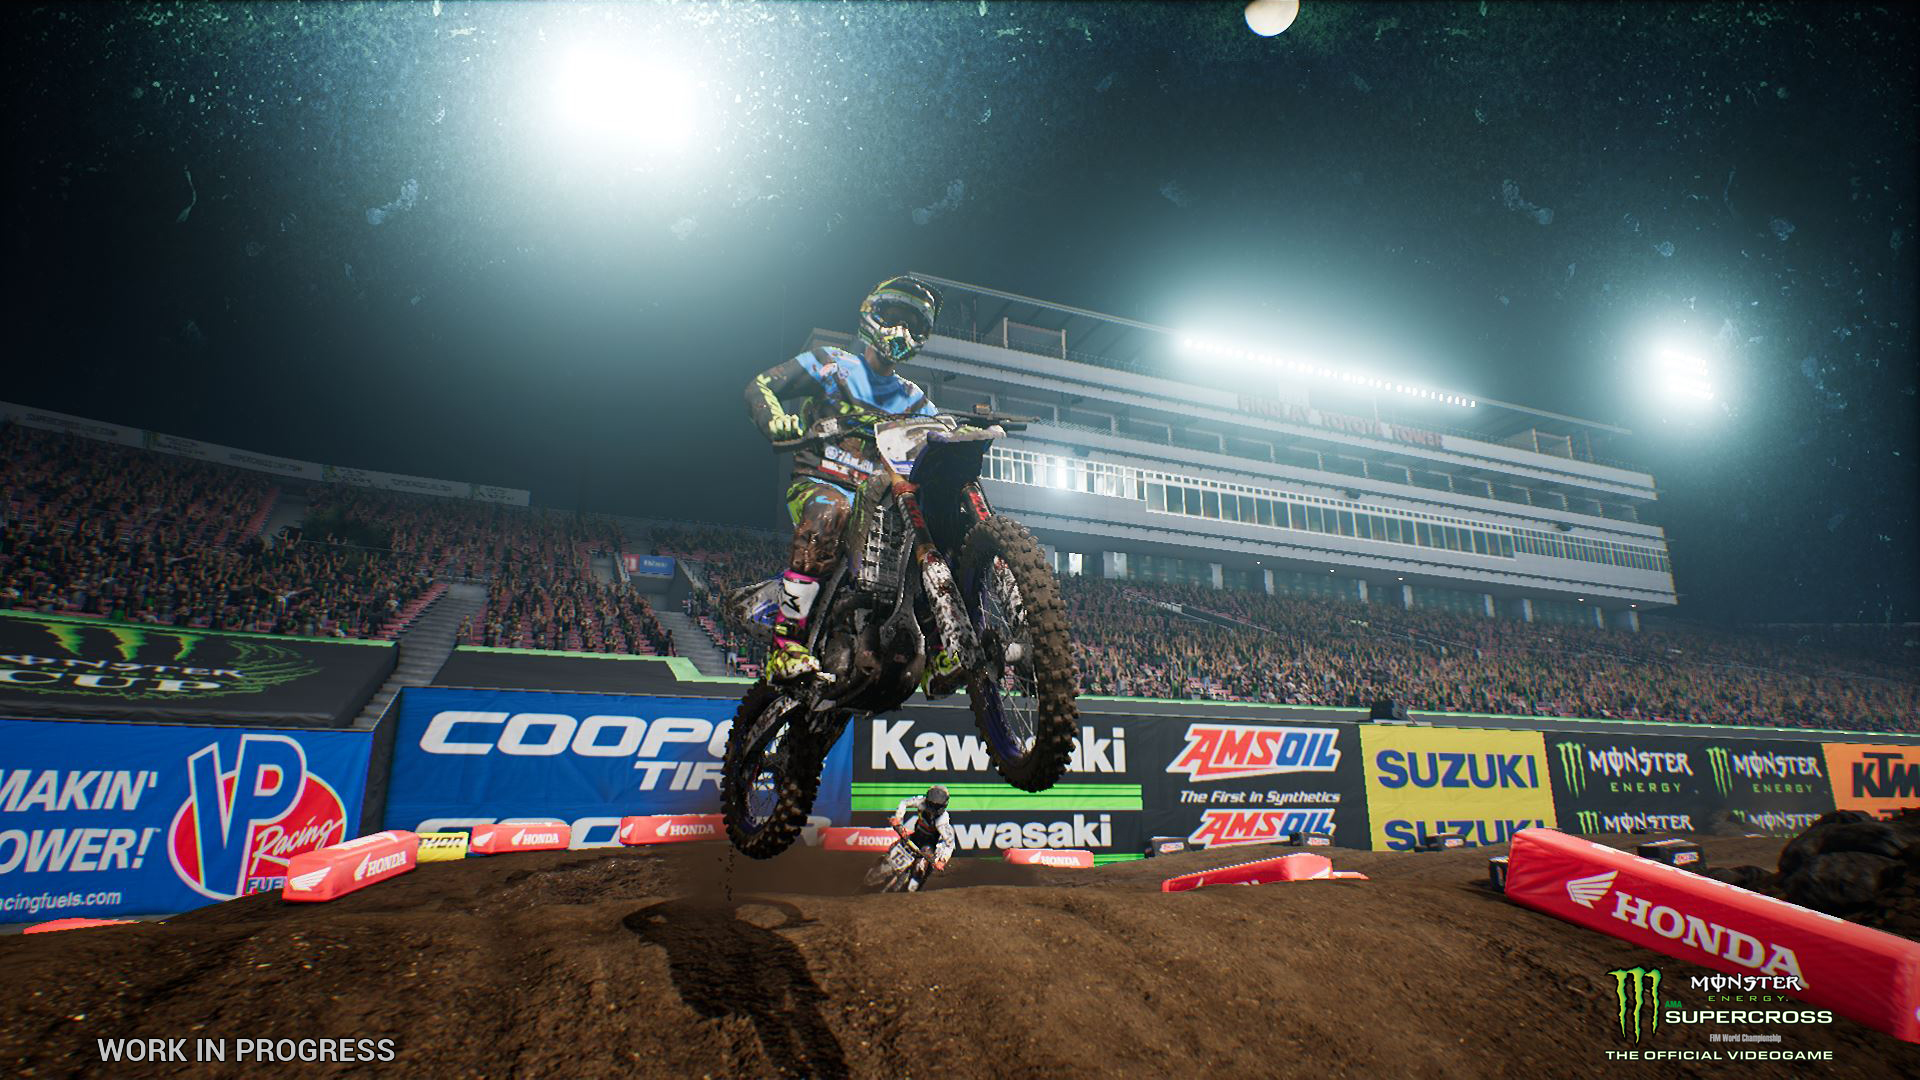 Milestone chystají motokrosové závody Monster Energy Supercross 151272